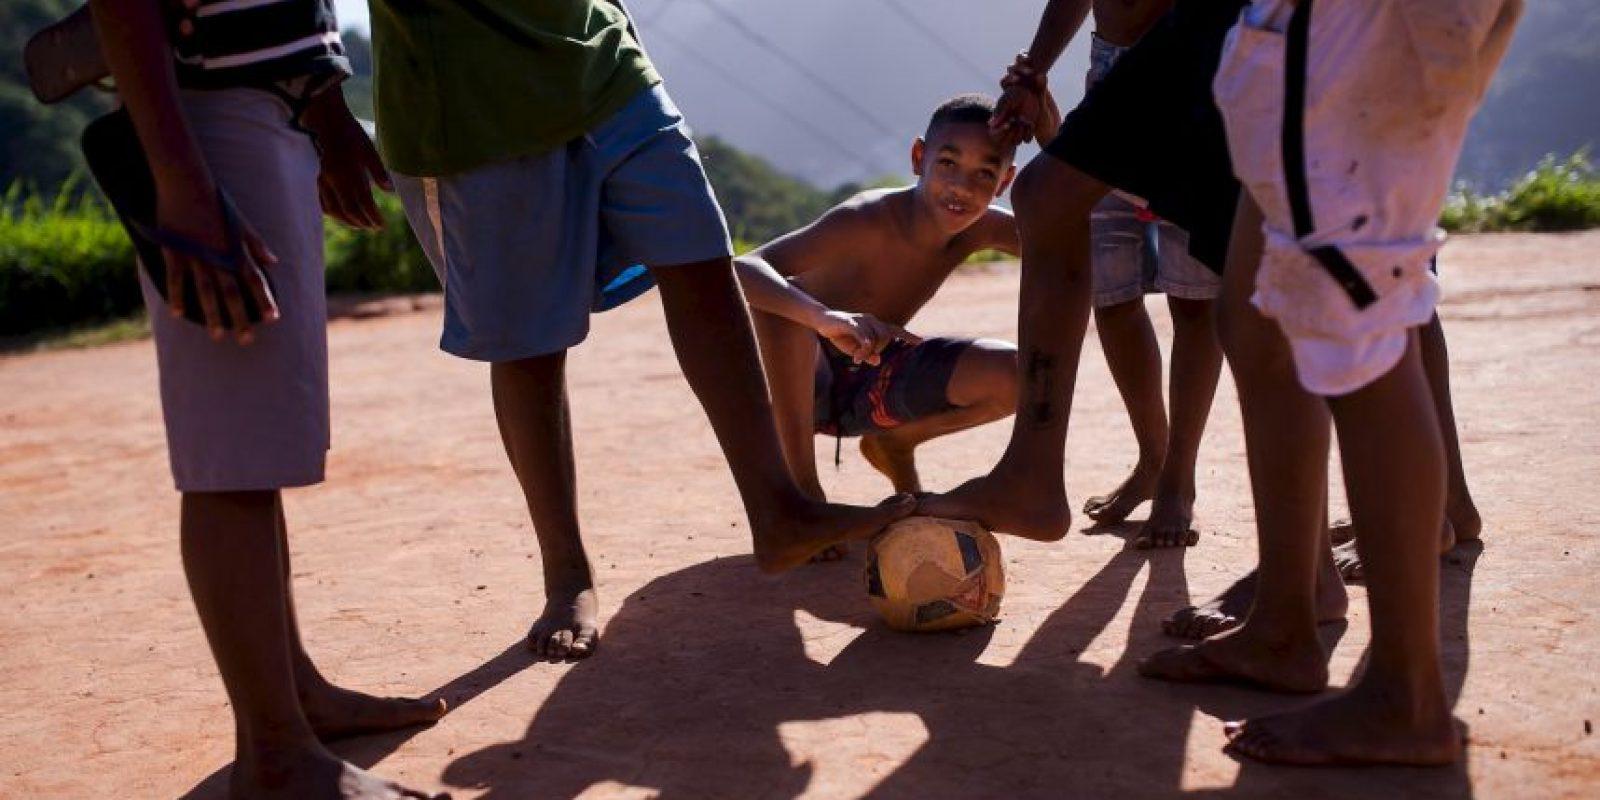 En 2013, UNICEF publicó el primer informe que resume y analiza datos de los 29 países donde es más prevalente esta práctica; el informe ofreció también nuevos datos sobre las niñas menores de 15 años Foto:Getty Images